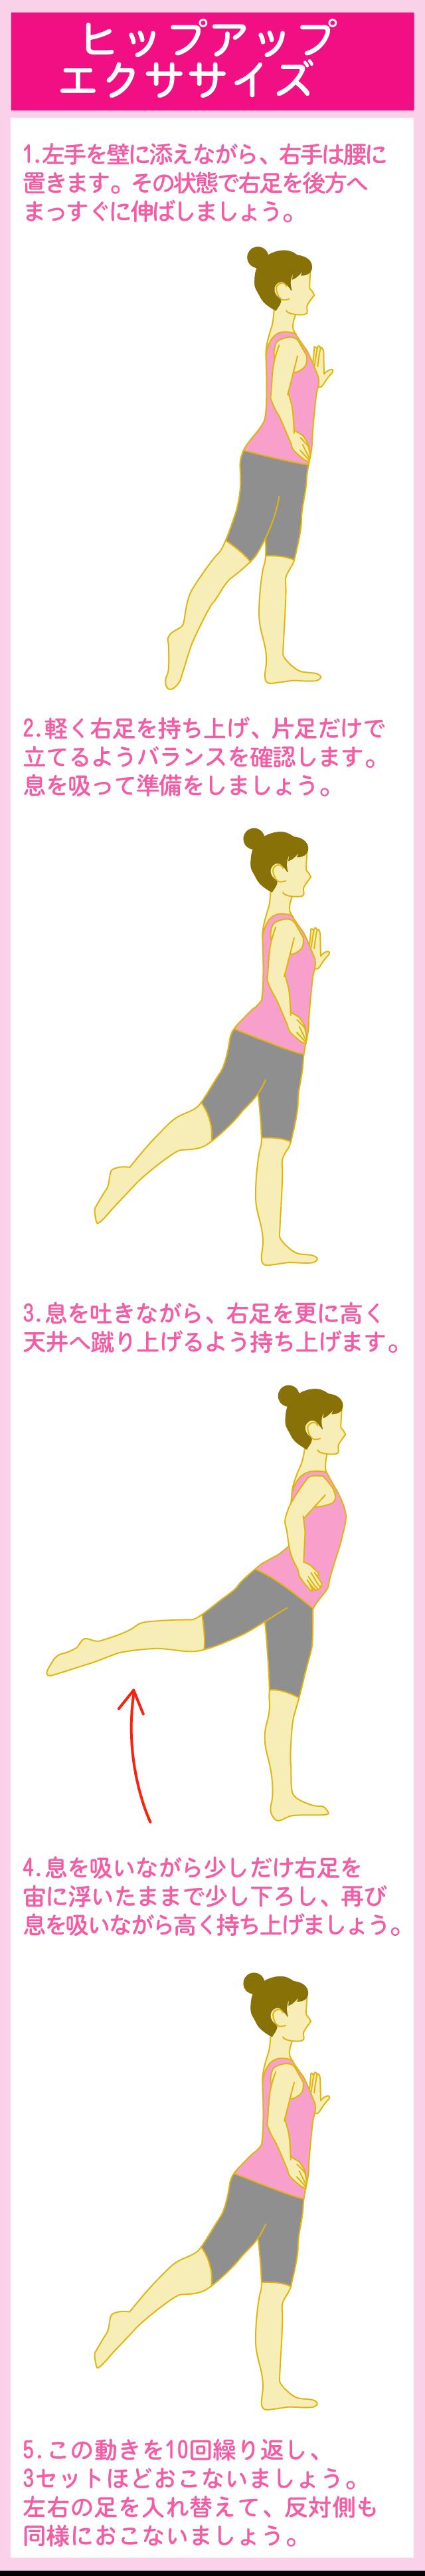 バレエエクササイズ